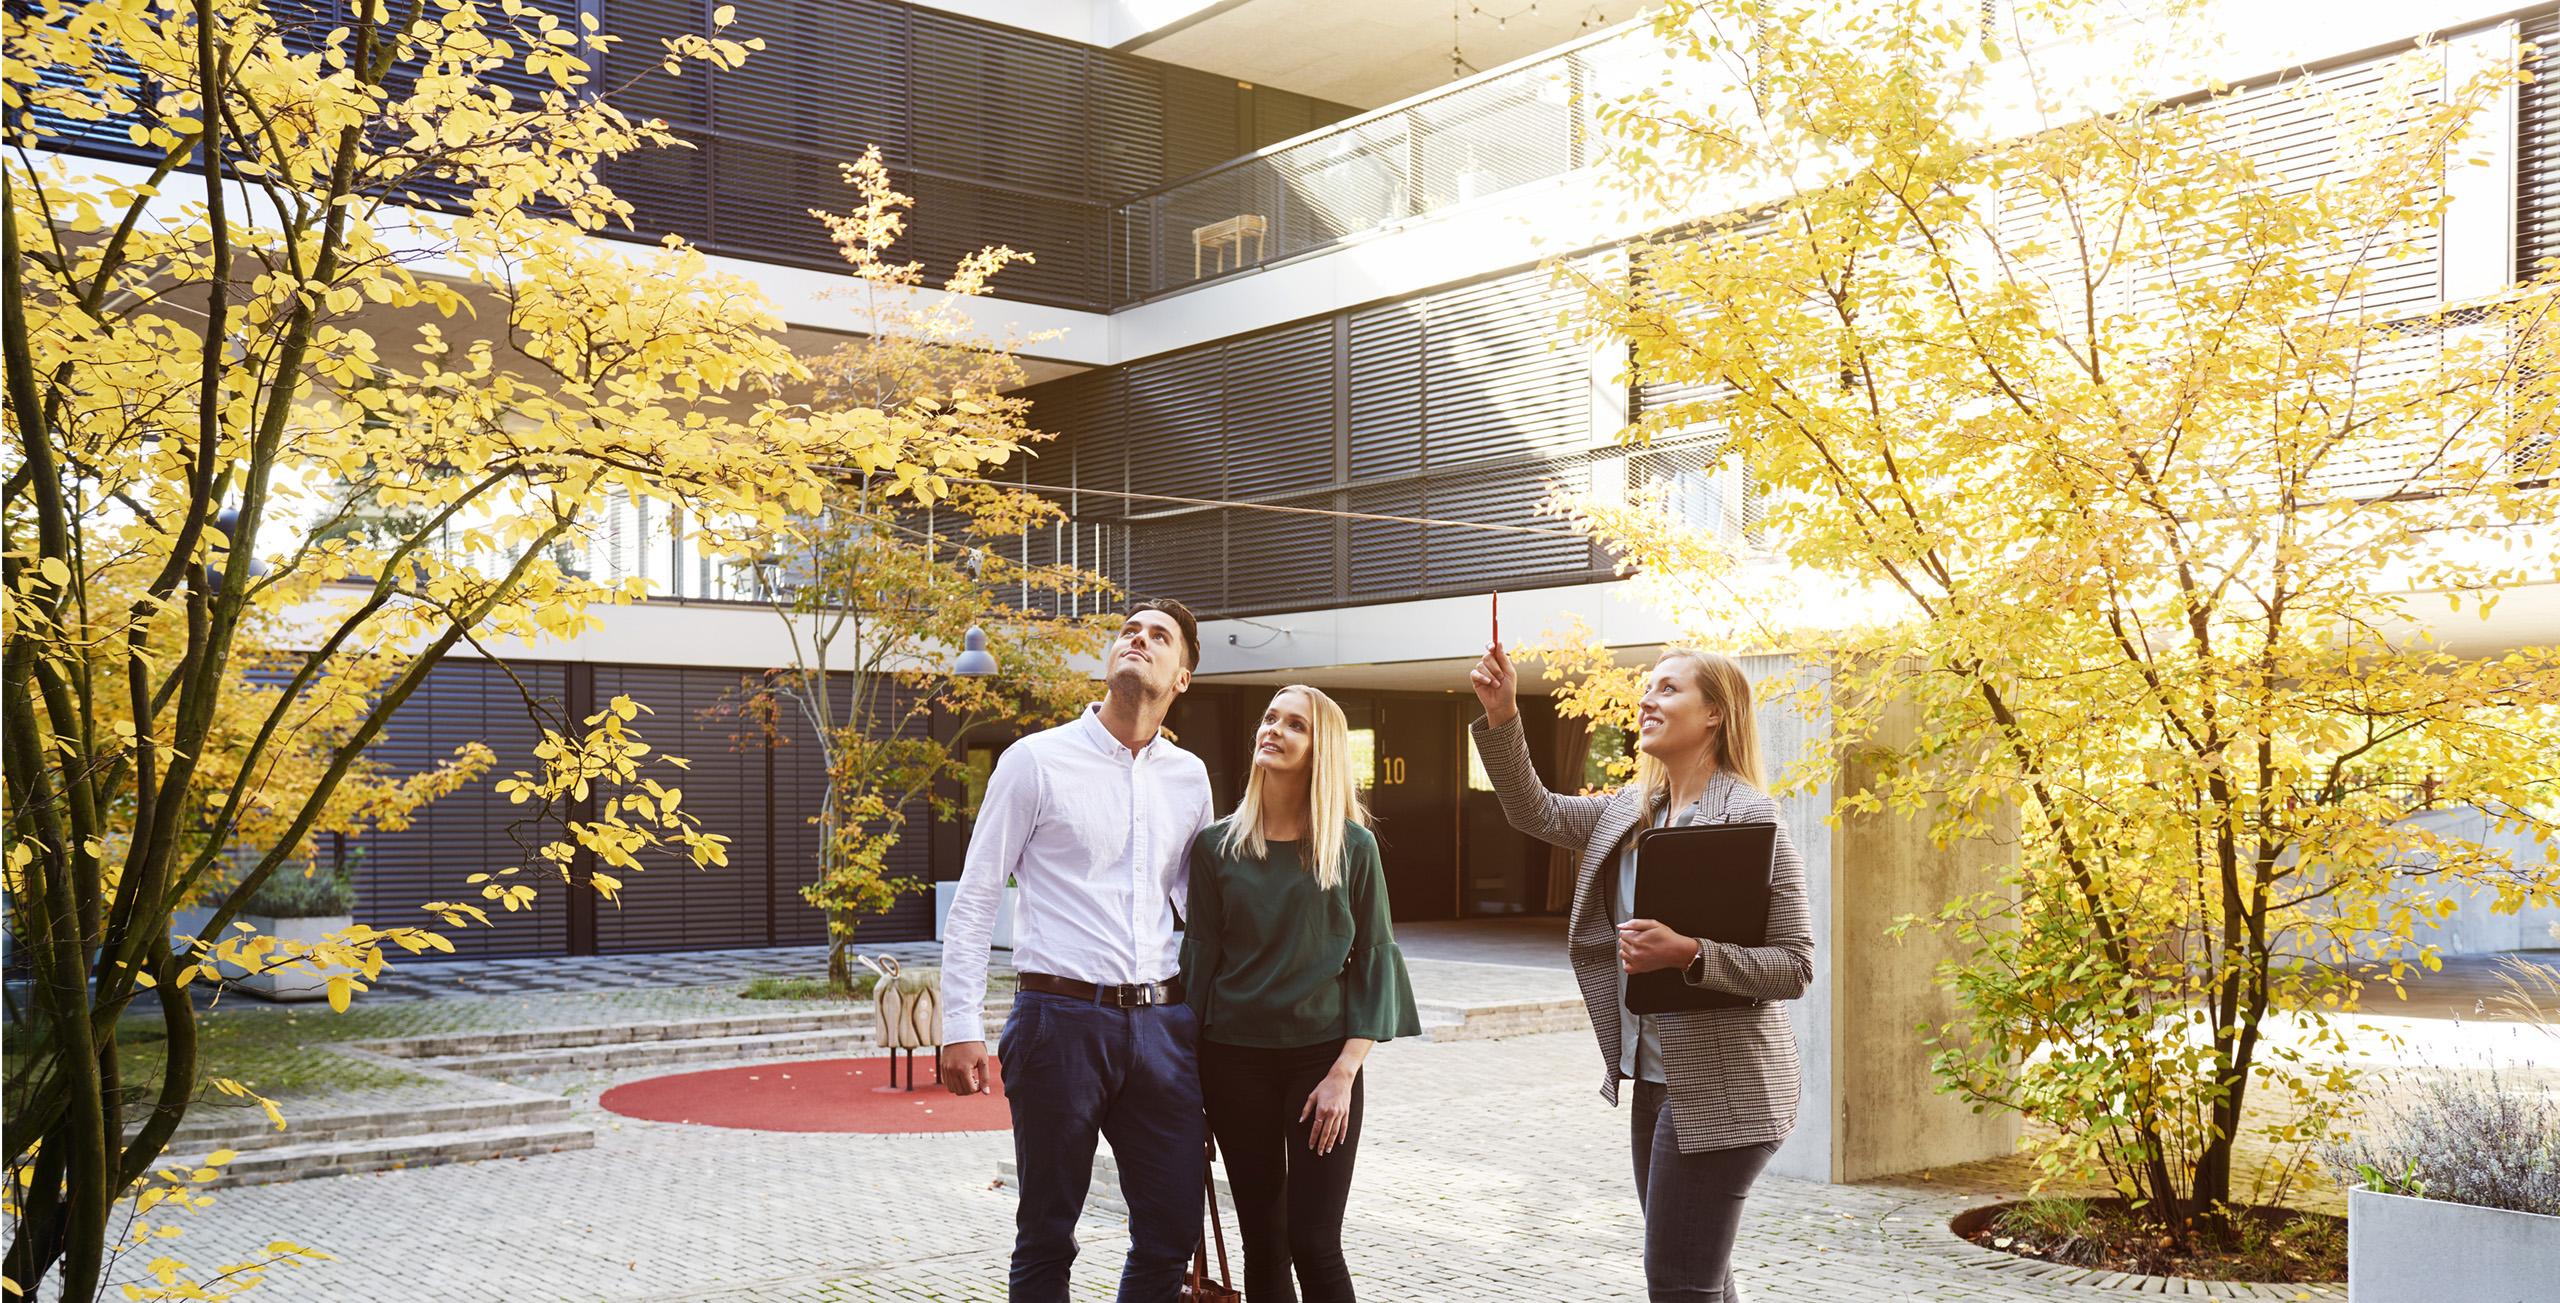 srcset=https://www.dr-meyer.ch/wp-content/uploads/2020/12/02-Dr.Meyer-Immobilien-Wohnung-mieten-08.jpg